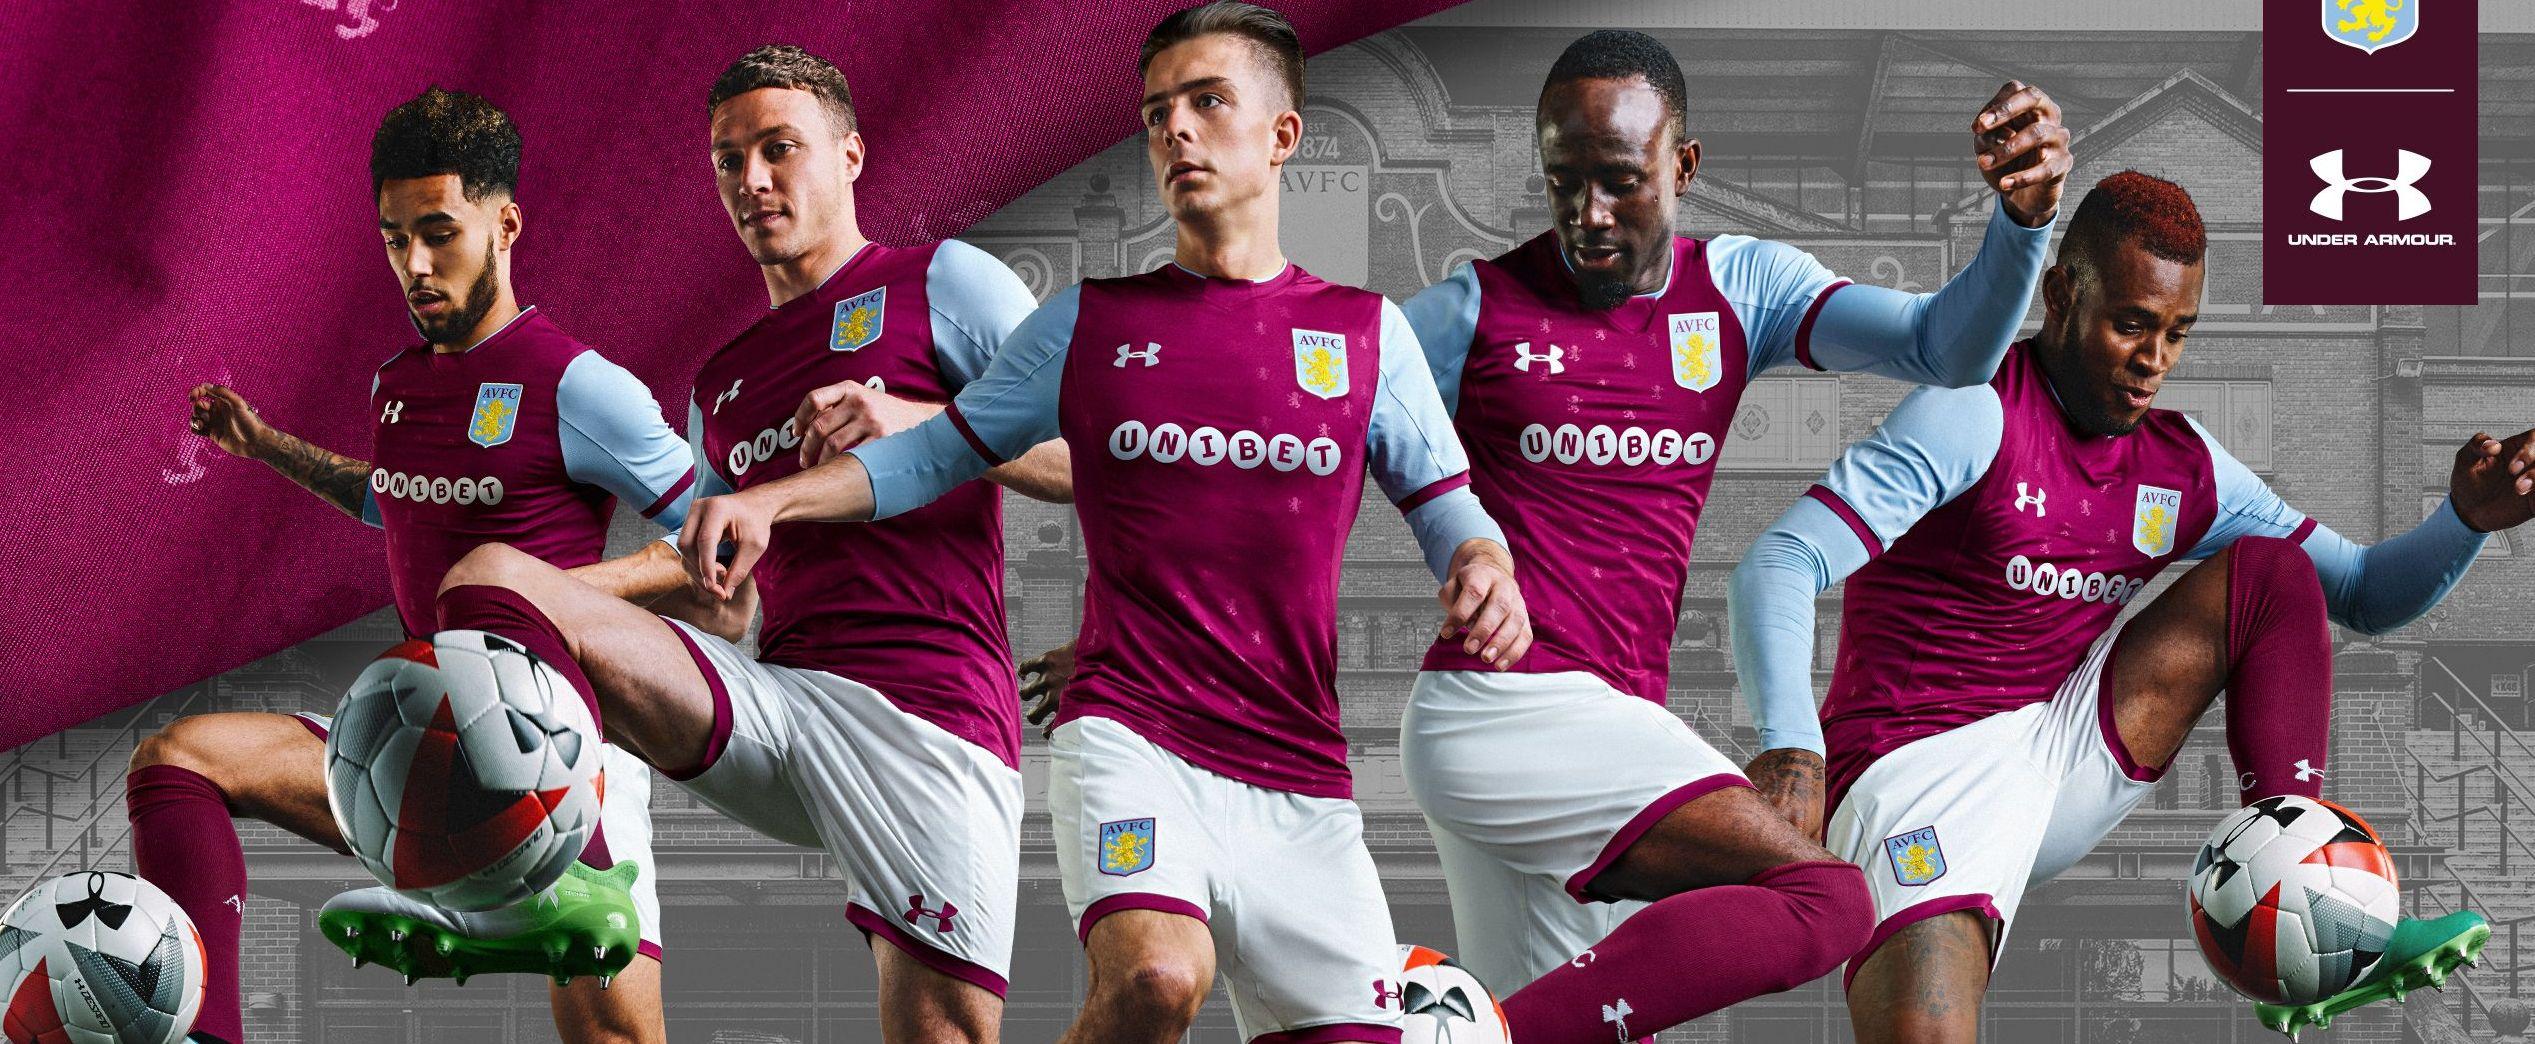 Unibet devine sponsor principal al Aston Villa